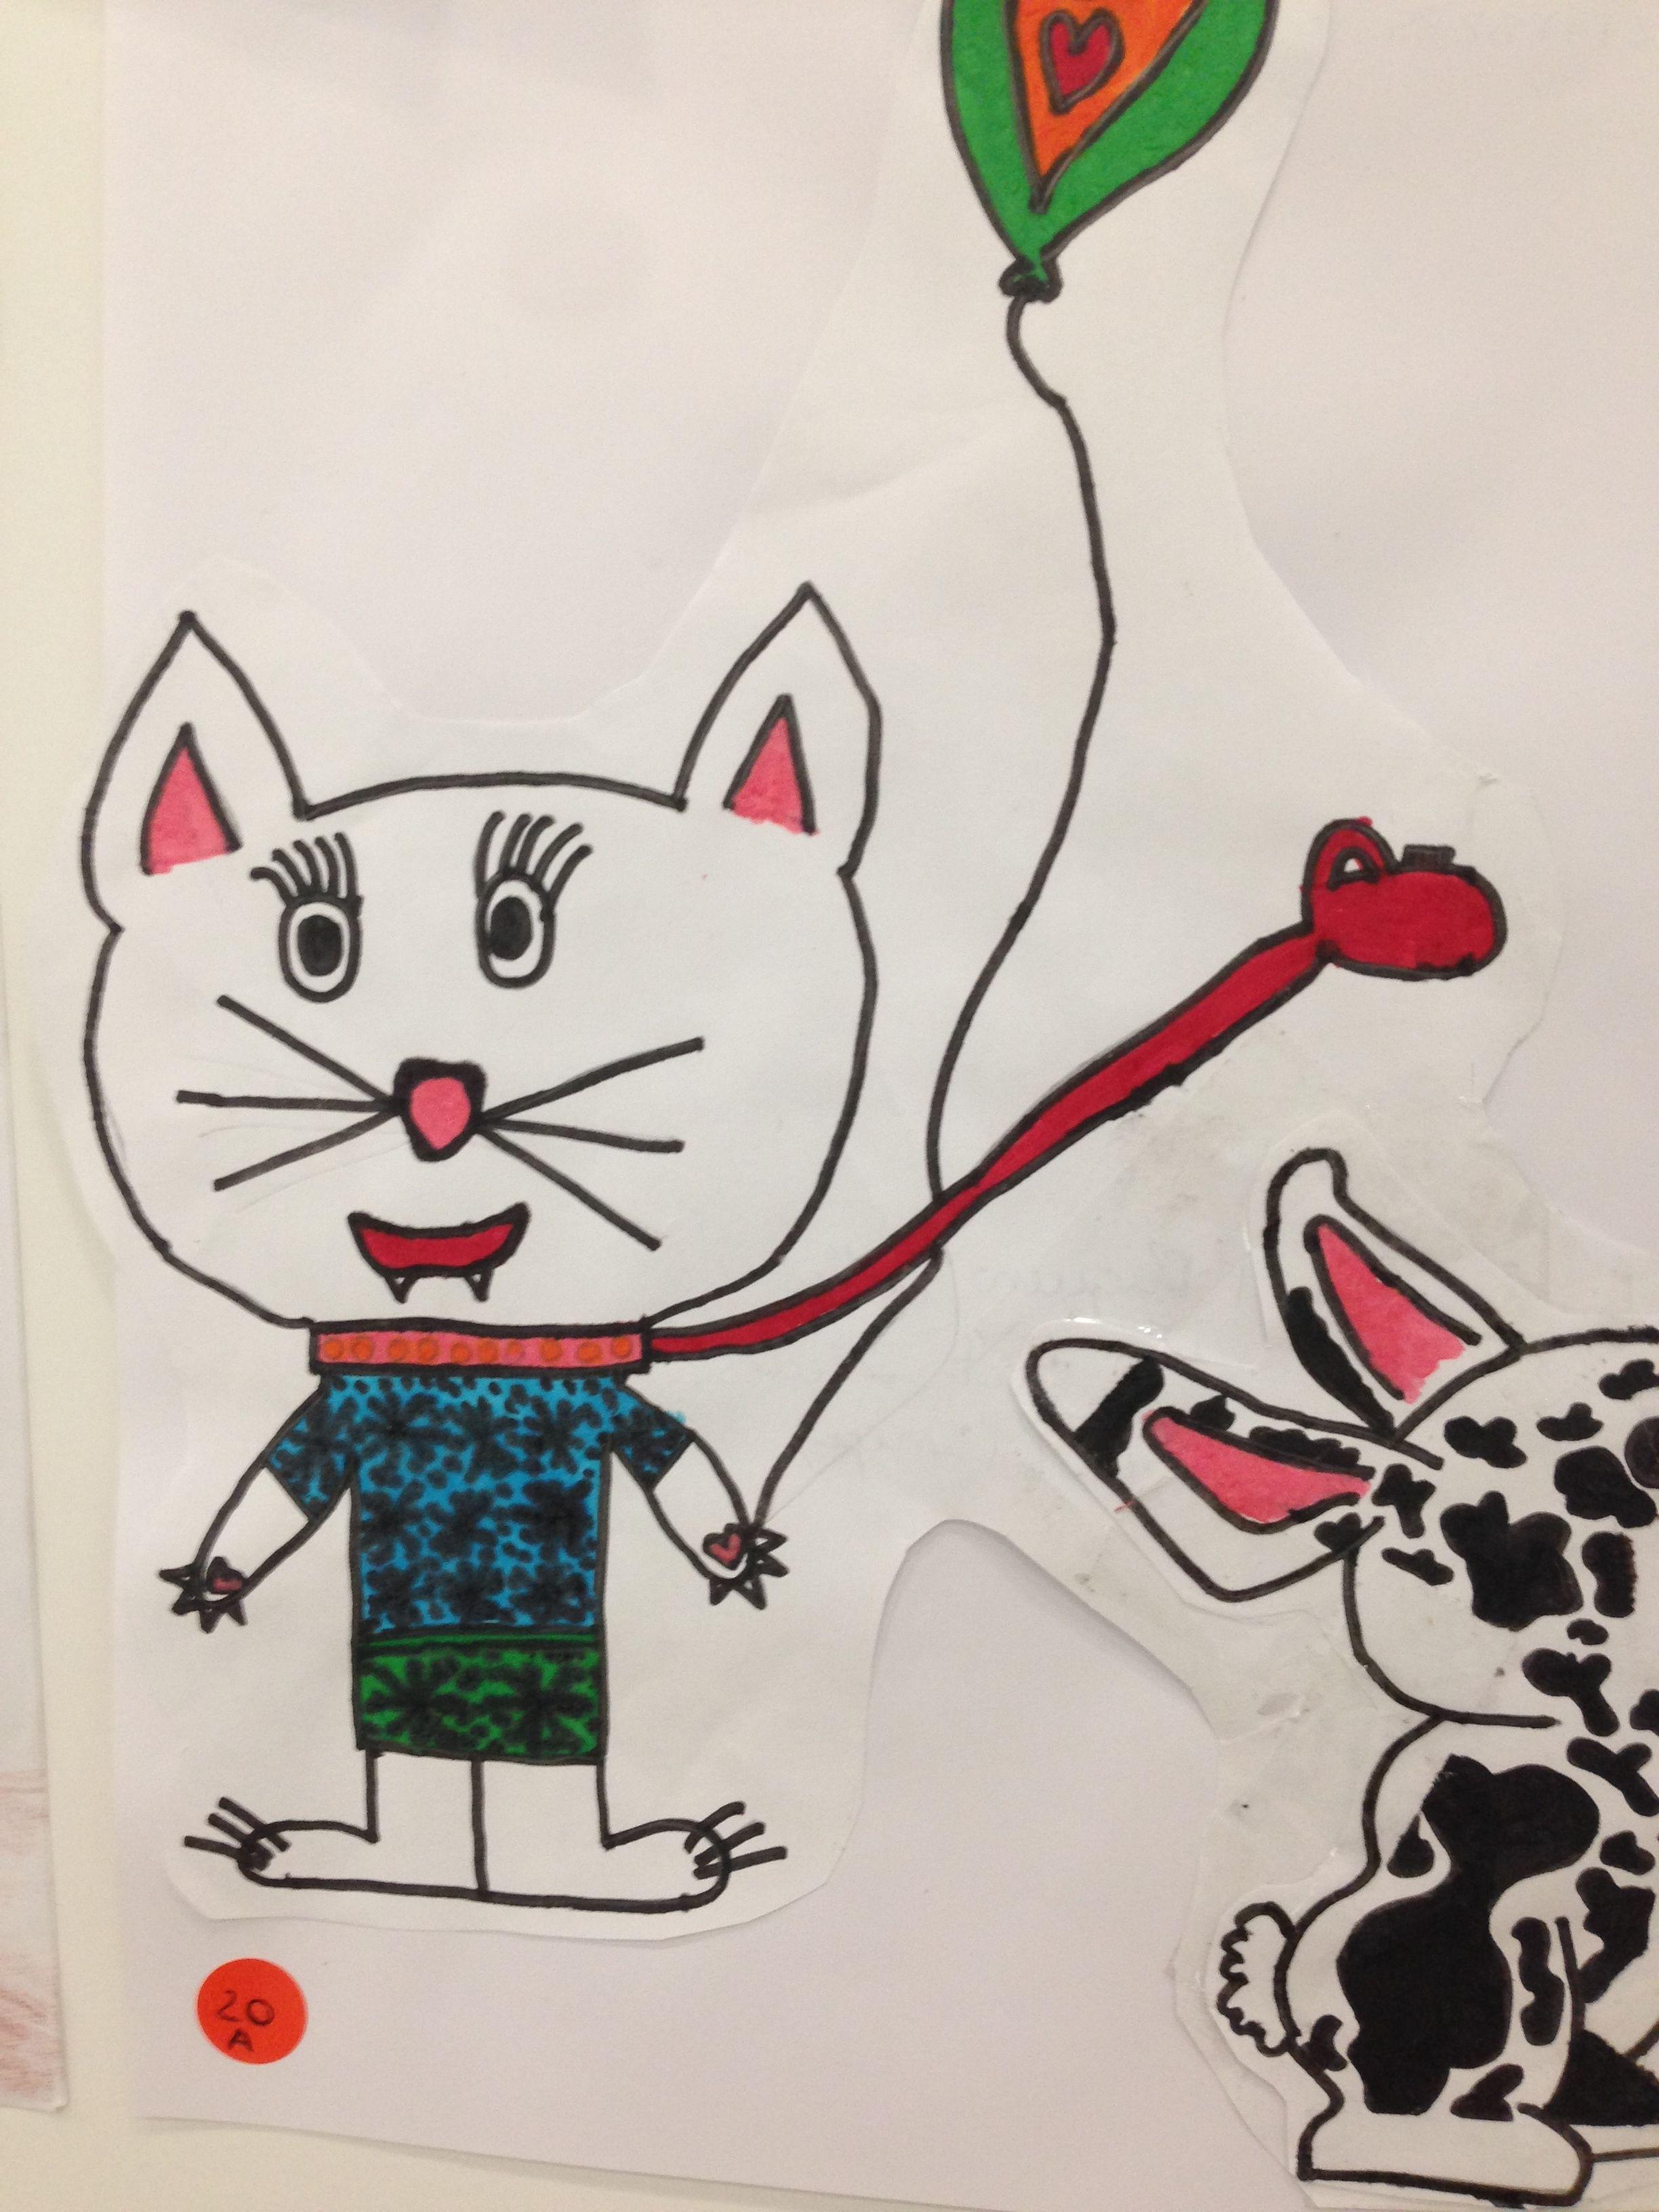 Dibujo #Infantil #Mascota www.veterinario.es | I CONCURS DE DIBUIX ...